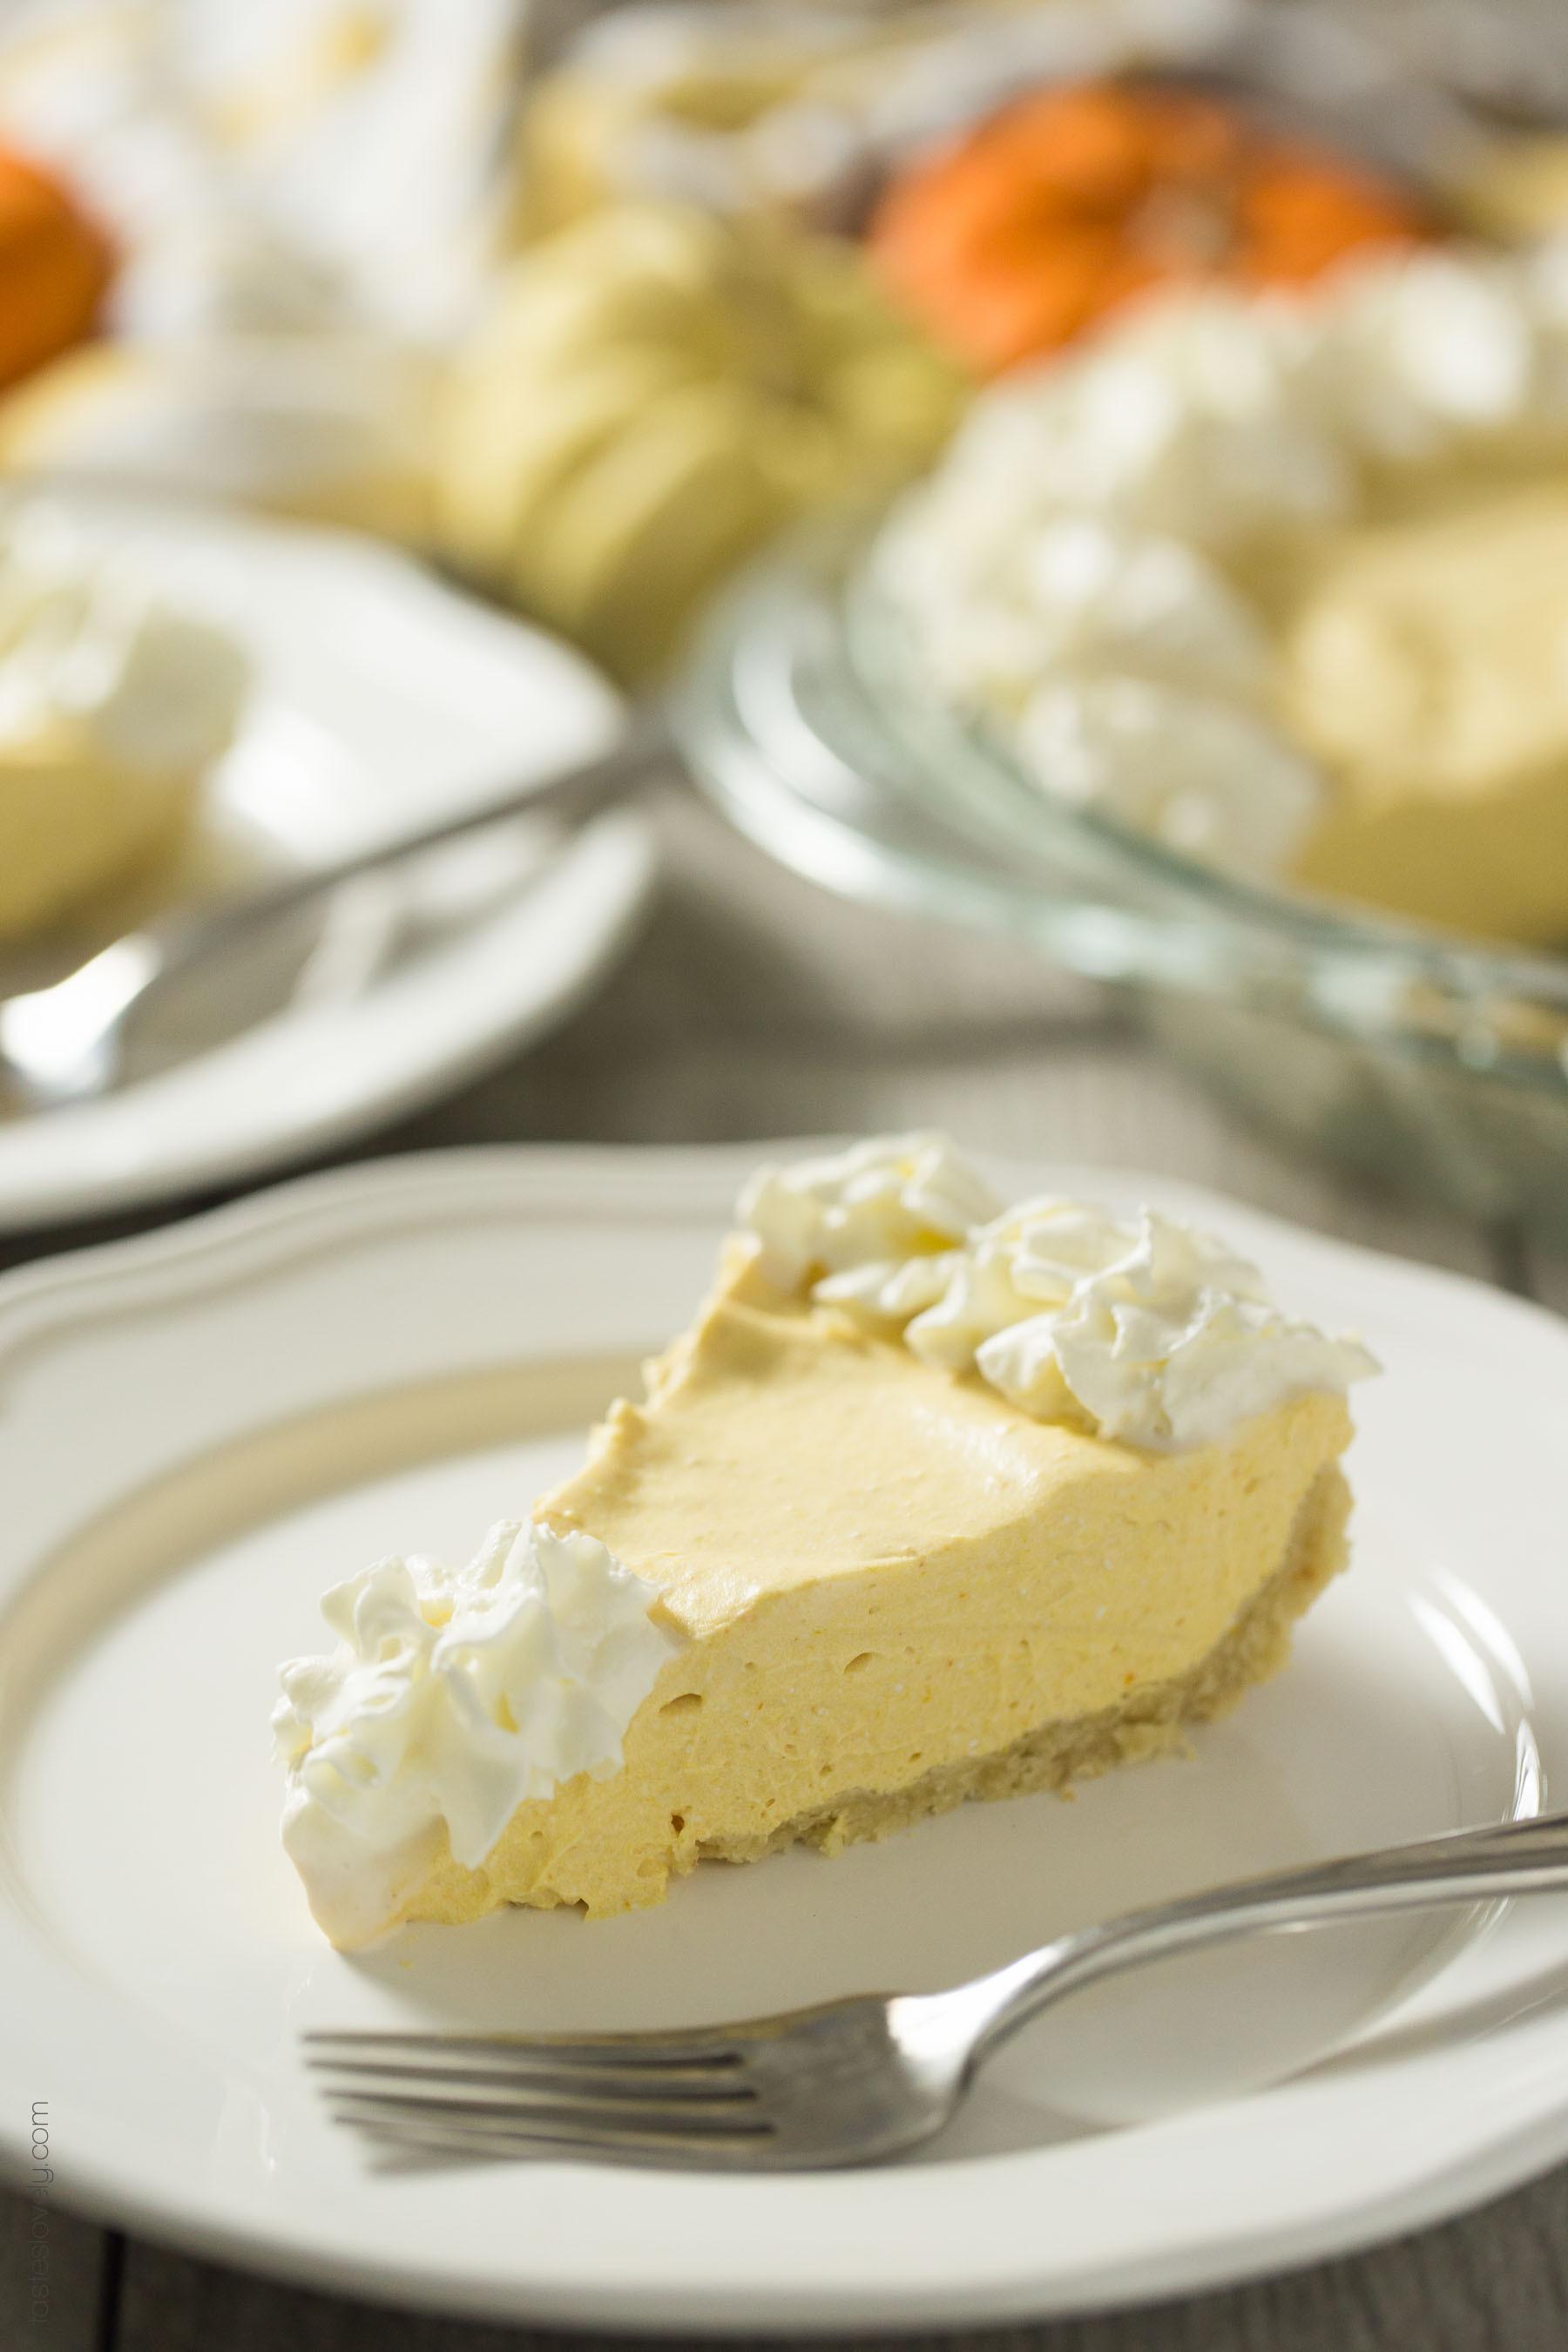 Sugar Free Dairy Free Desserts  Paleo Pumpkin Cream Pie — Tastes Lovely